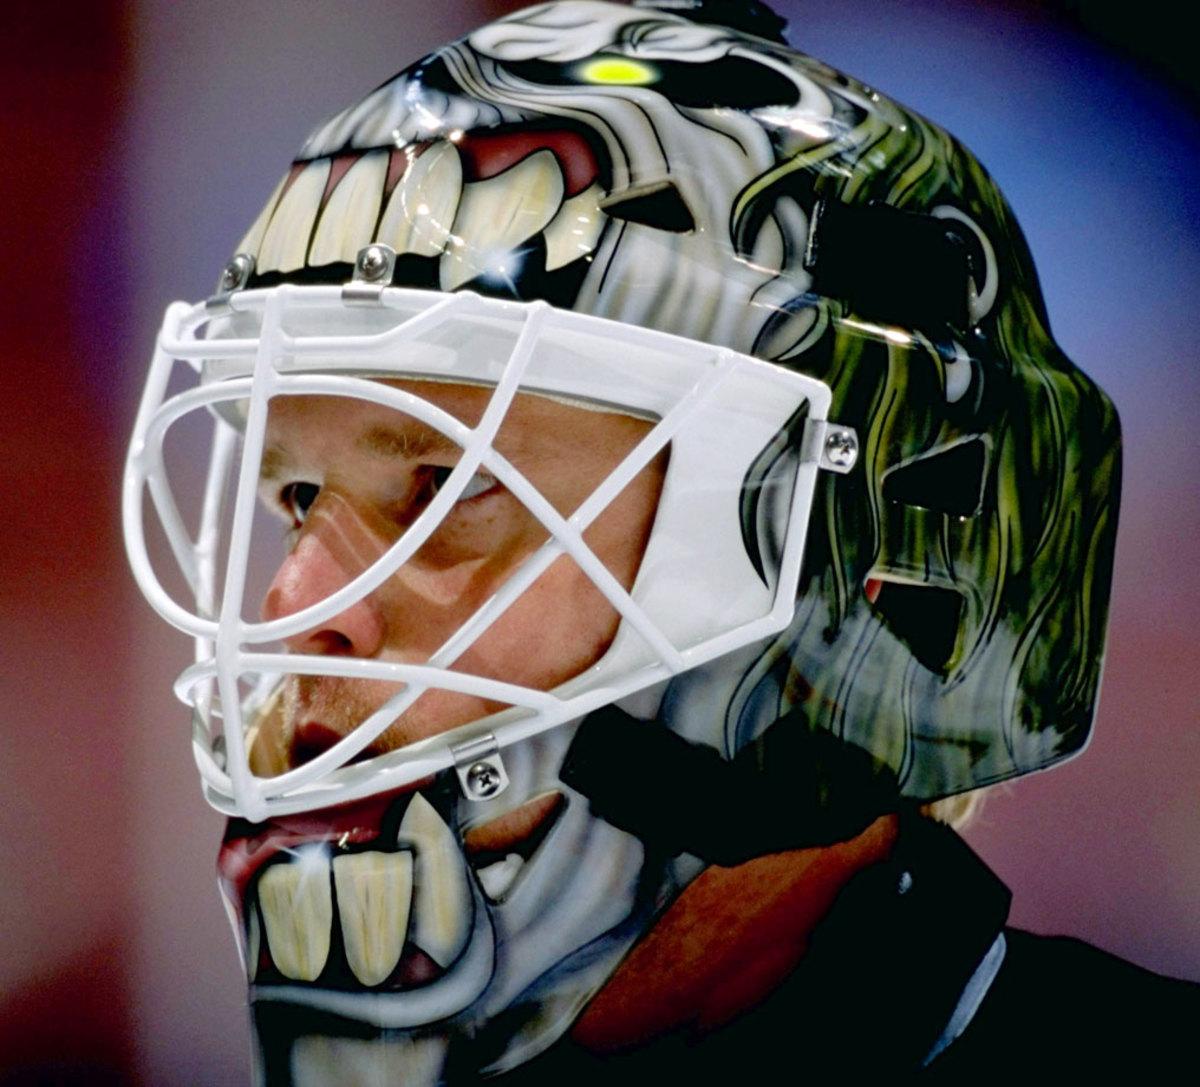 1998-99-Roman-Turek-goalie-mask.jpg